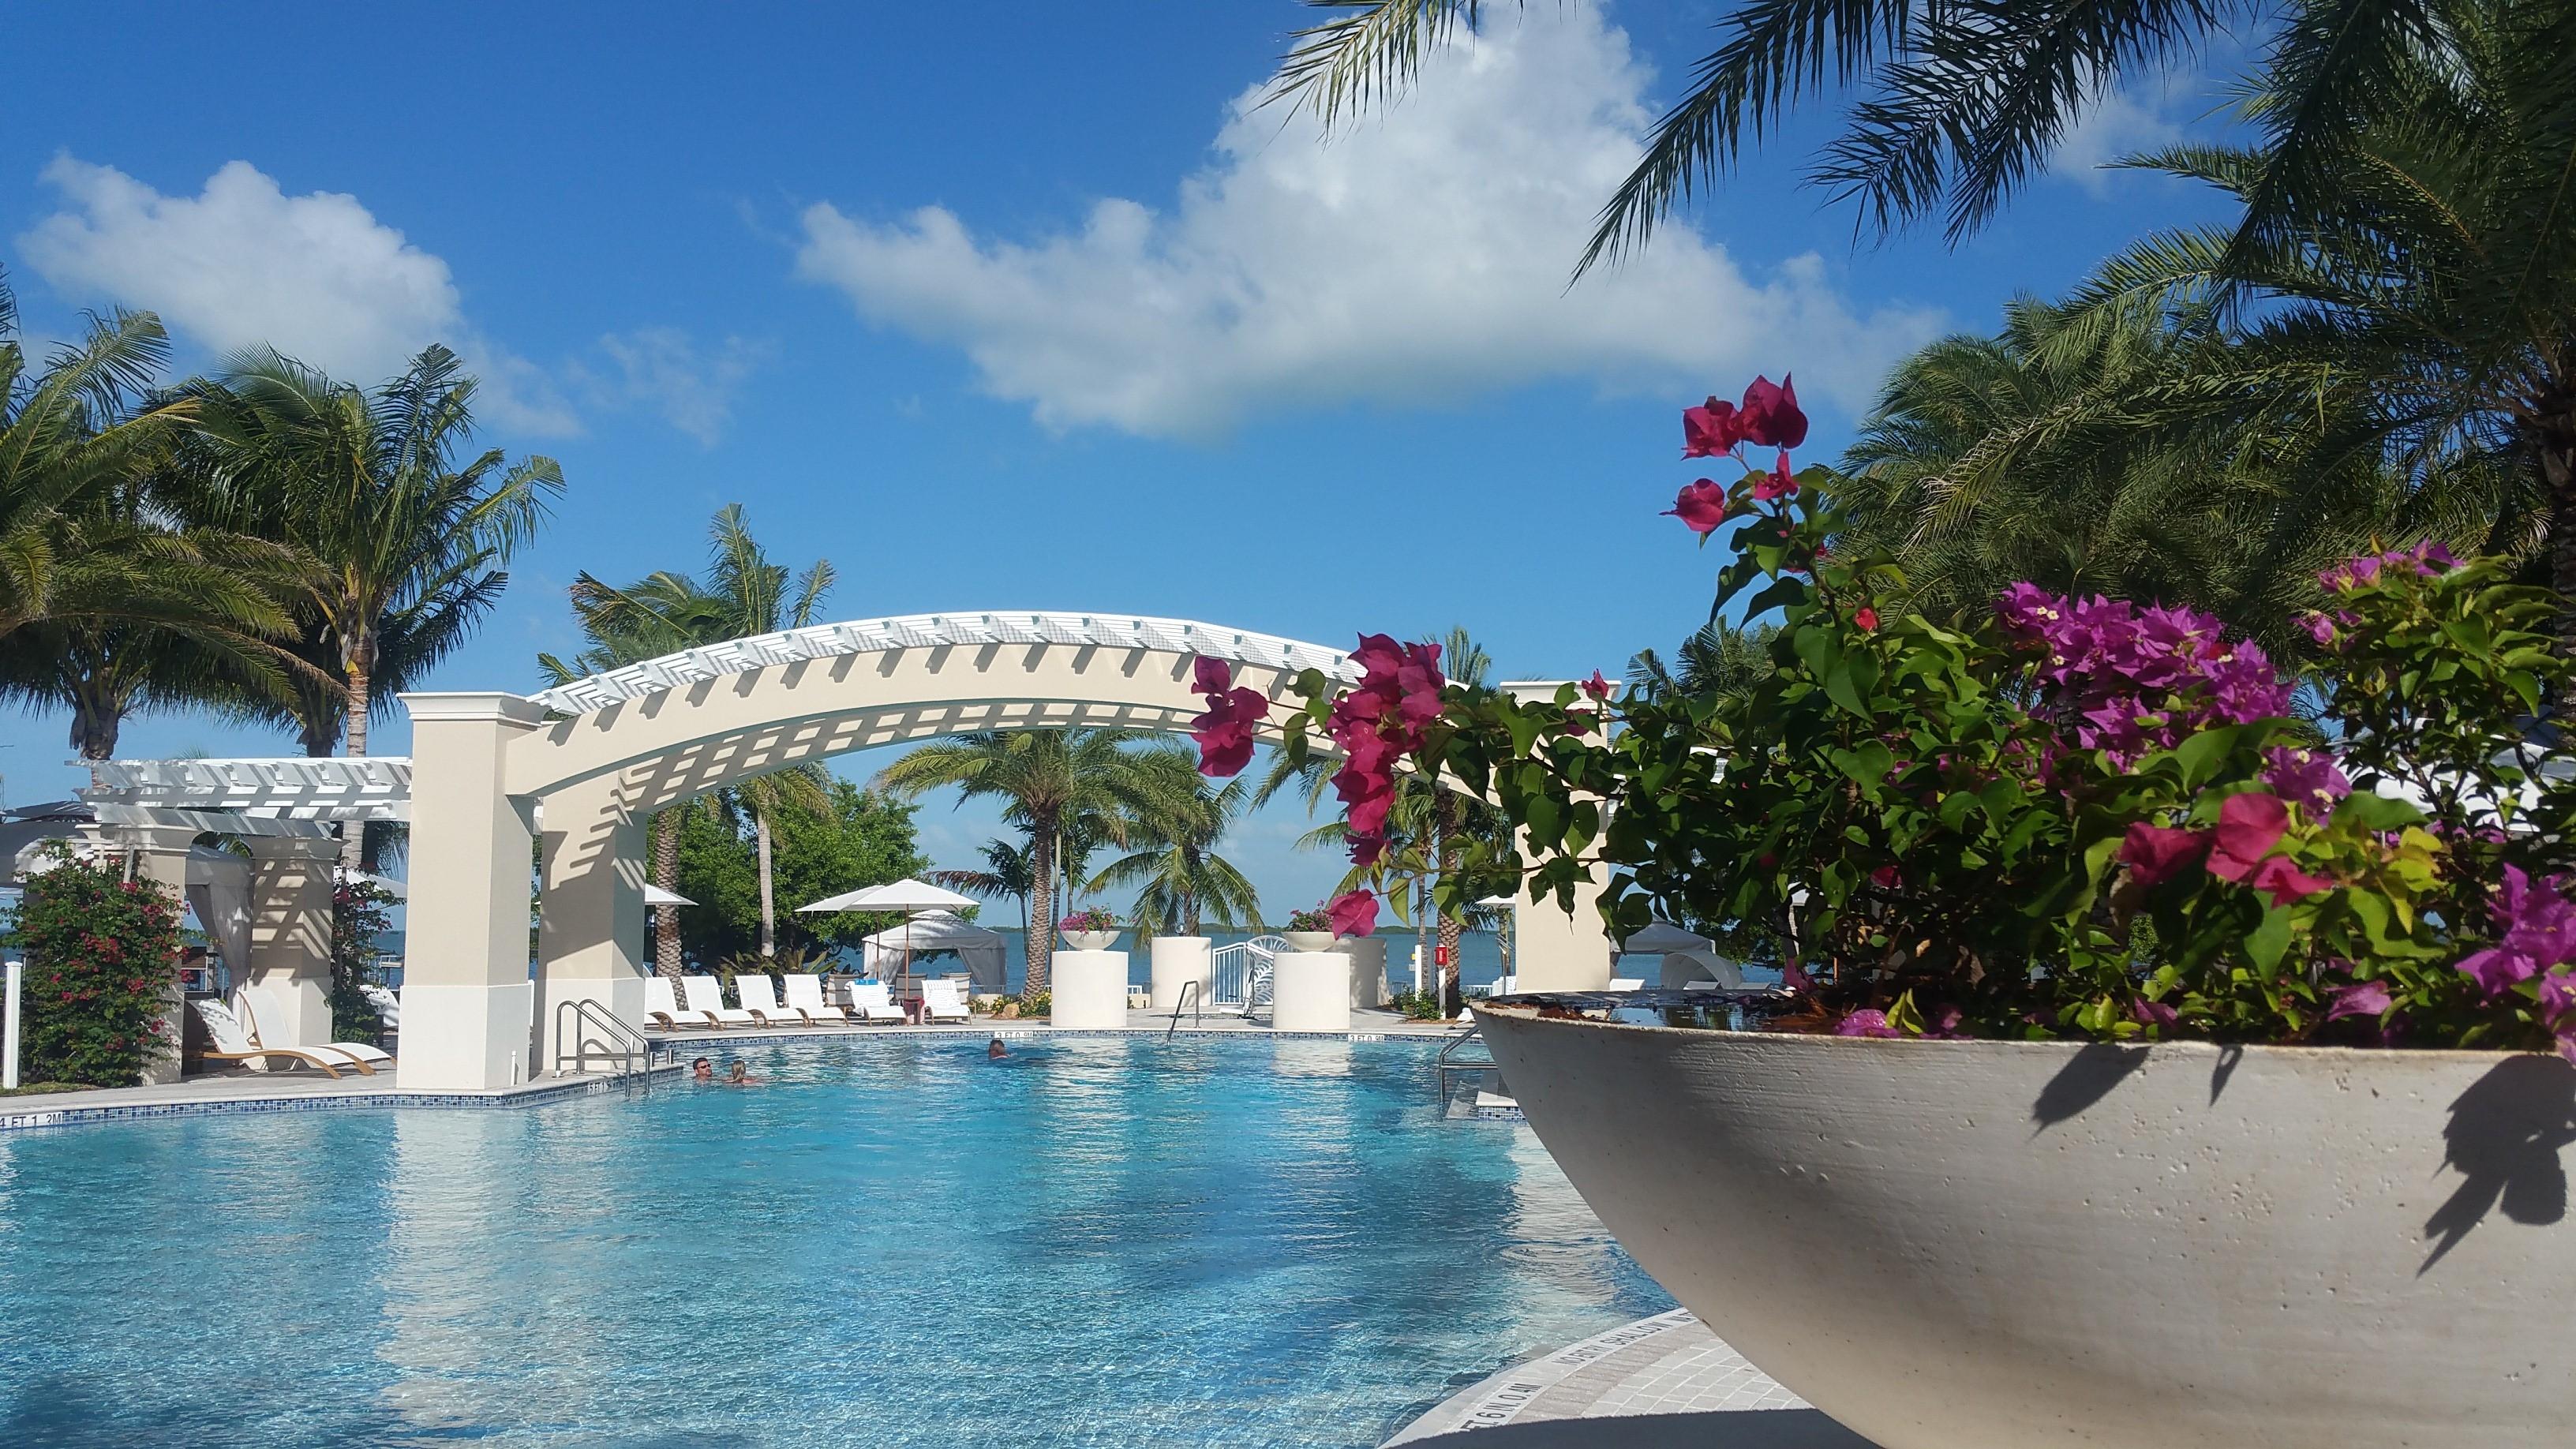 Key largo resort pool